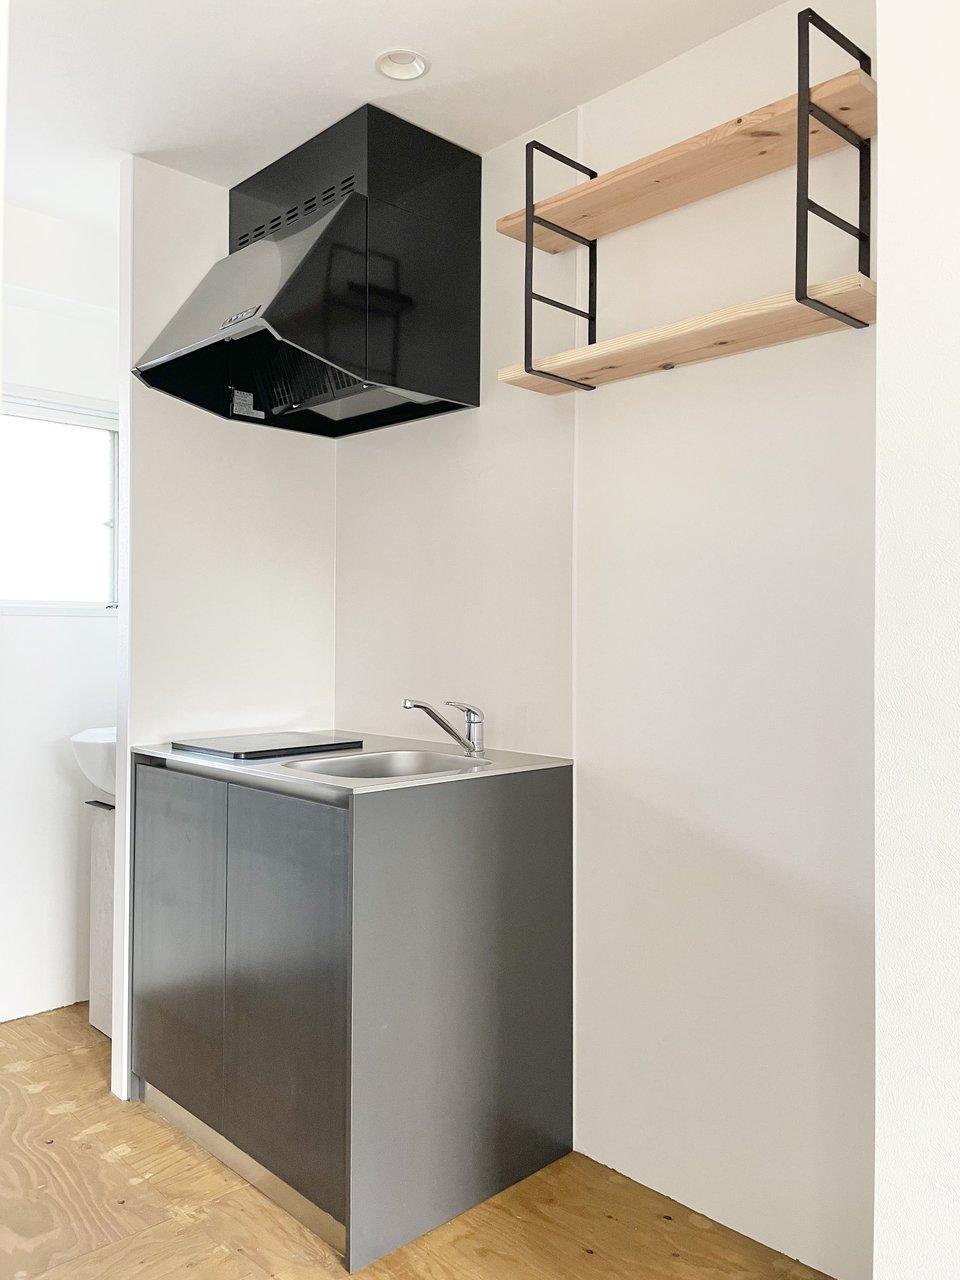 キッチンはIHコンロ1つのシンプルな造りに。冷蔵庫置き場の上の棚もおしゃれです。モノ置きに活用しましょう。